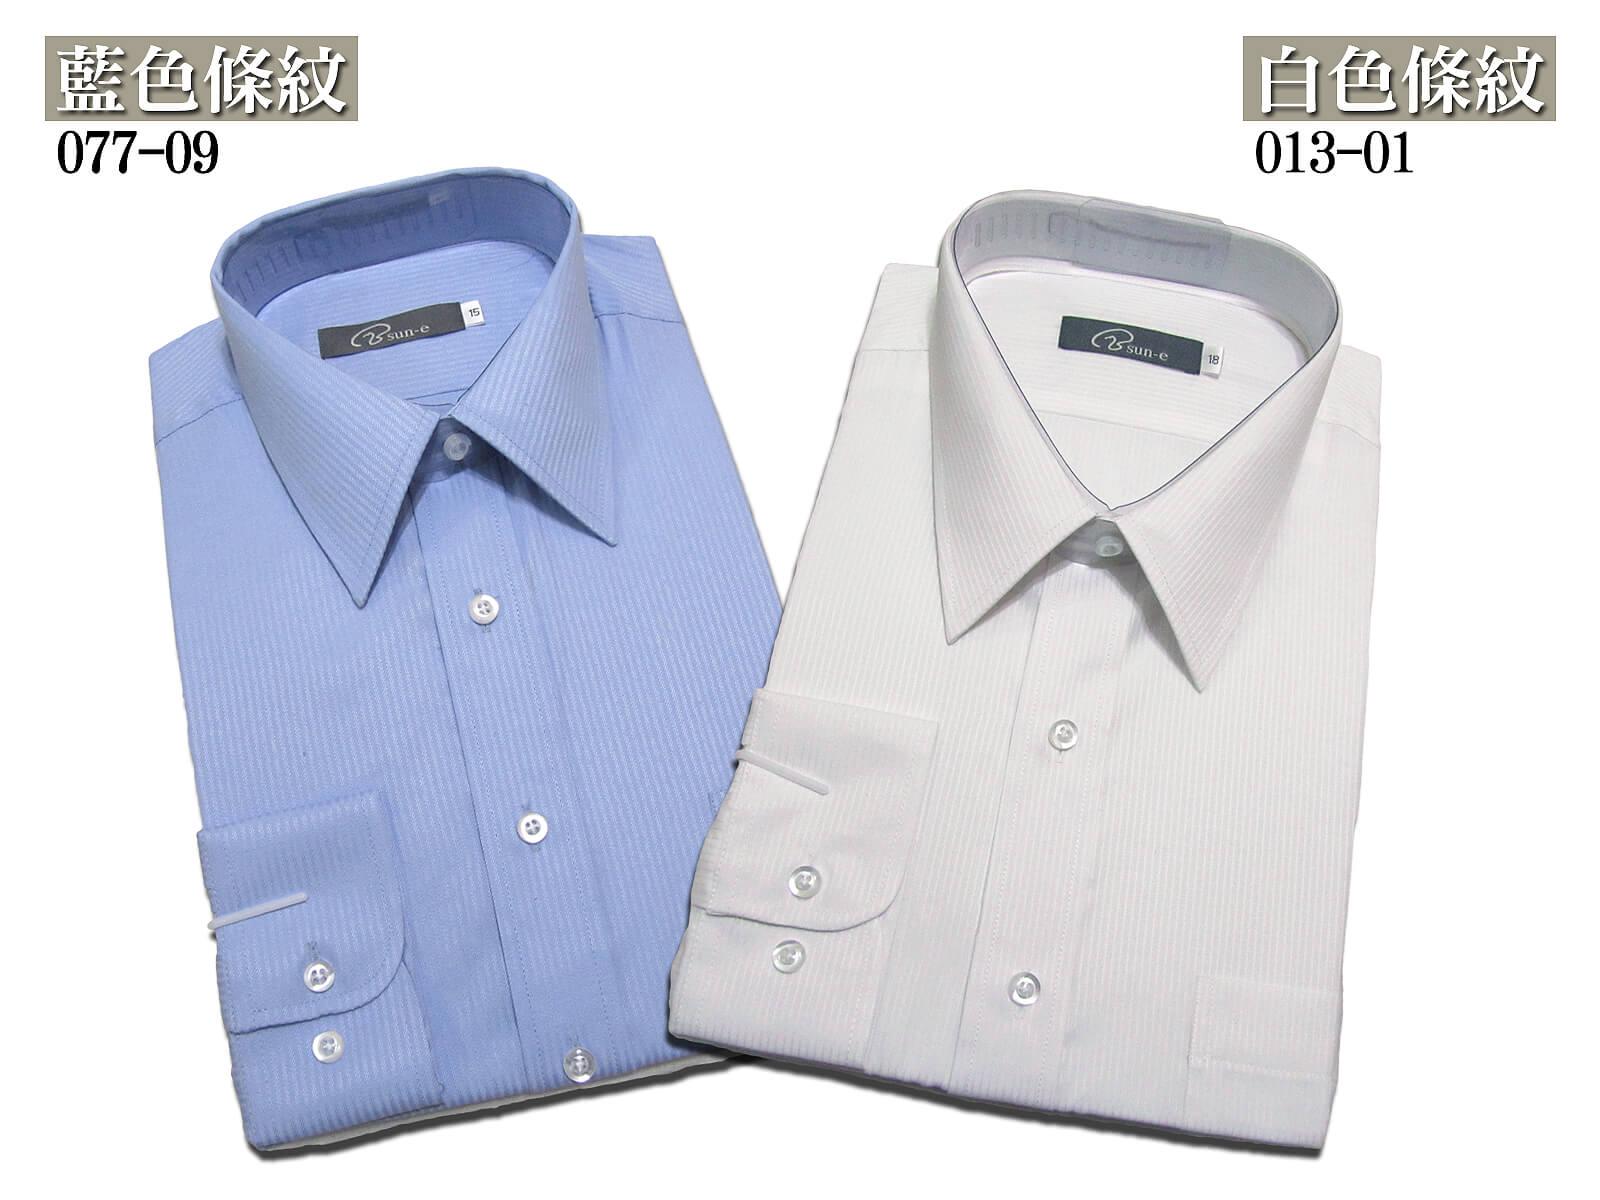 sun-e335特加大尺碼標準襯衫、上班族襯衫、商務襯衫、不皺免燙襯衫、正式場合襯衫、條紋襯衫、素面襯衫(短袖 / 長袖) 多顏色、樣式可供選擇 尺寸:19、20、21、22(英吋) 3